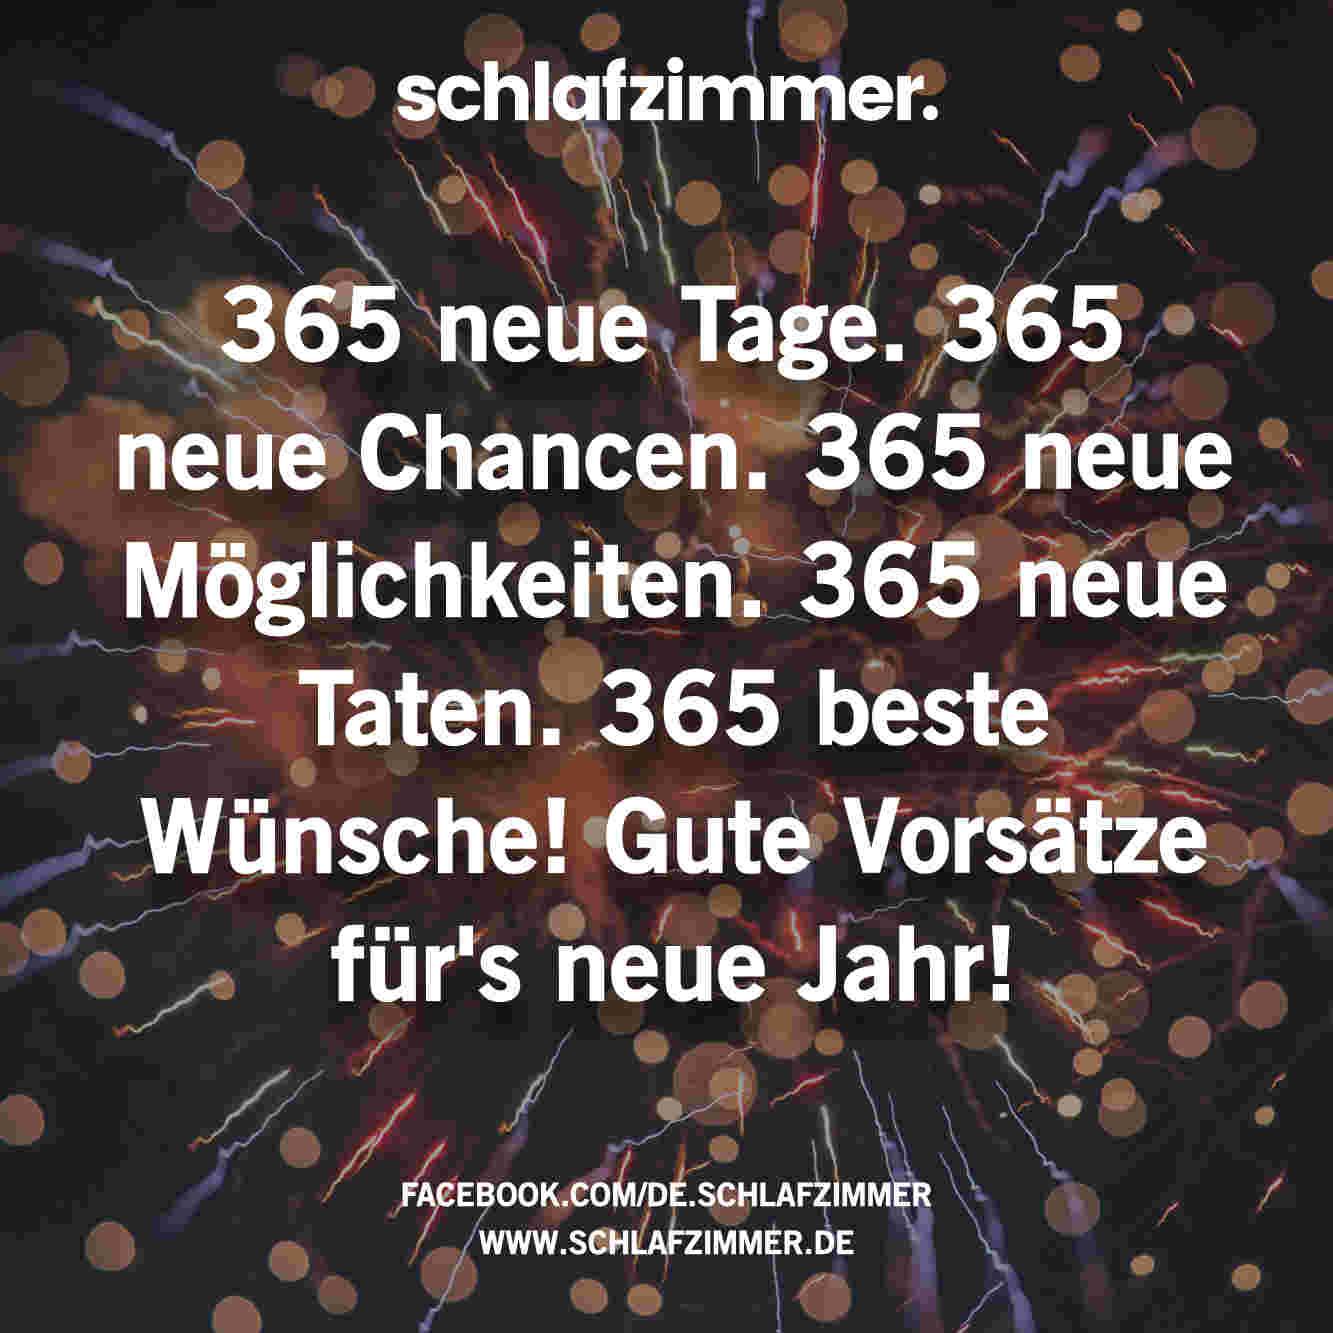 Silvestersprüche & Neujahrssprüche: Tolle Sprüche, Grüße und Wünsche